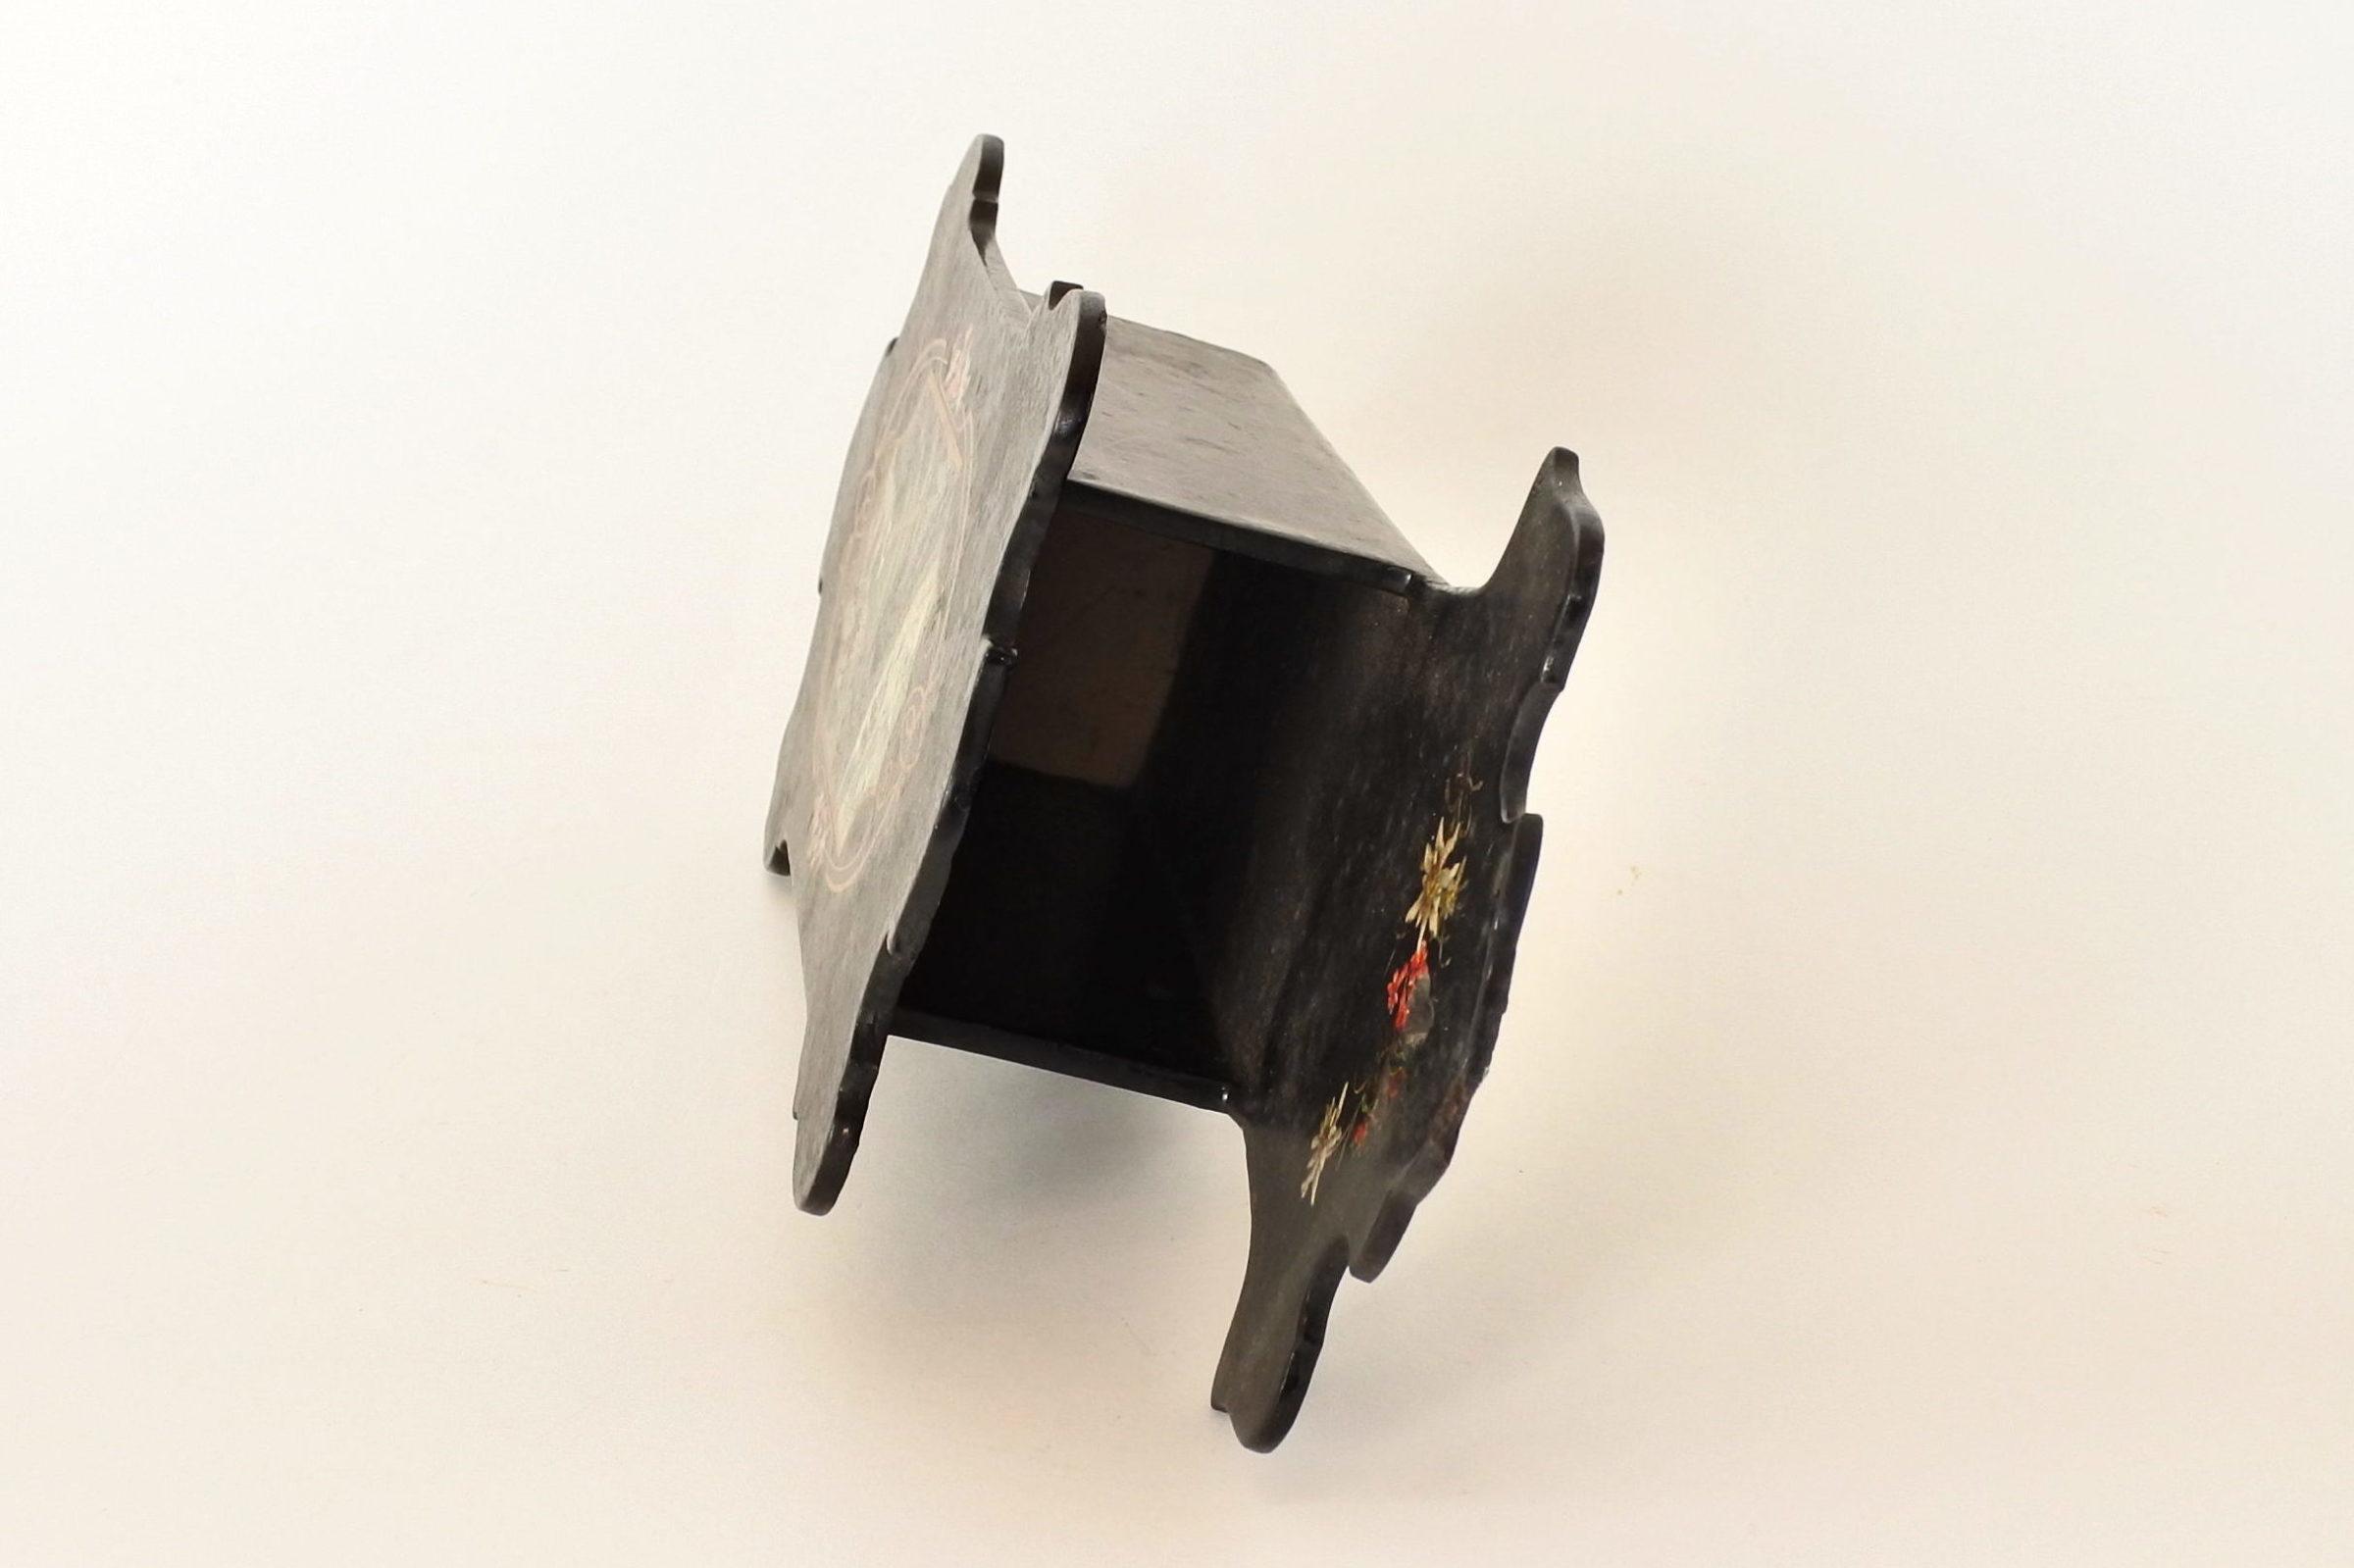 Portaspazzola in papier mache con paesaggio montano - 4